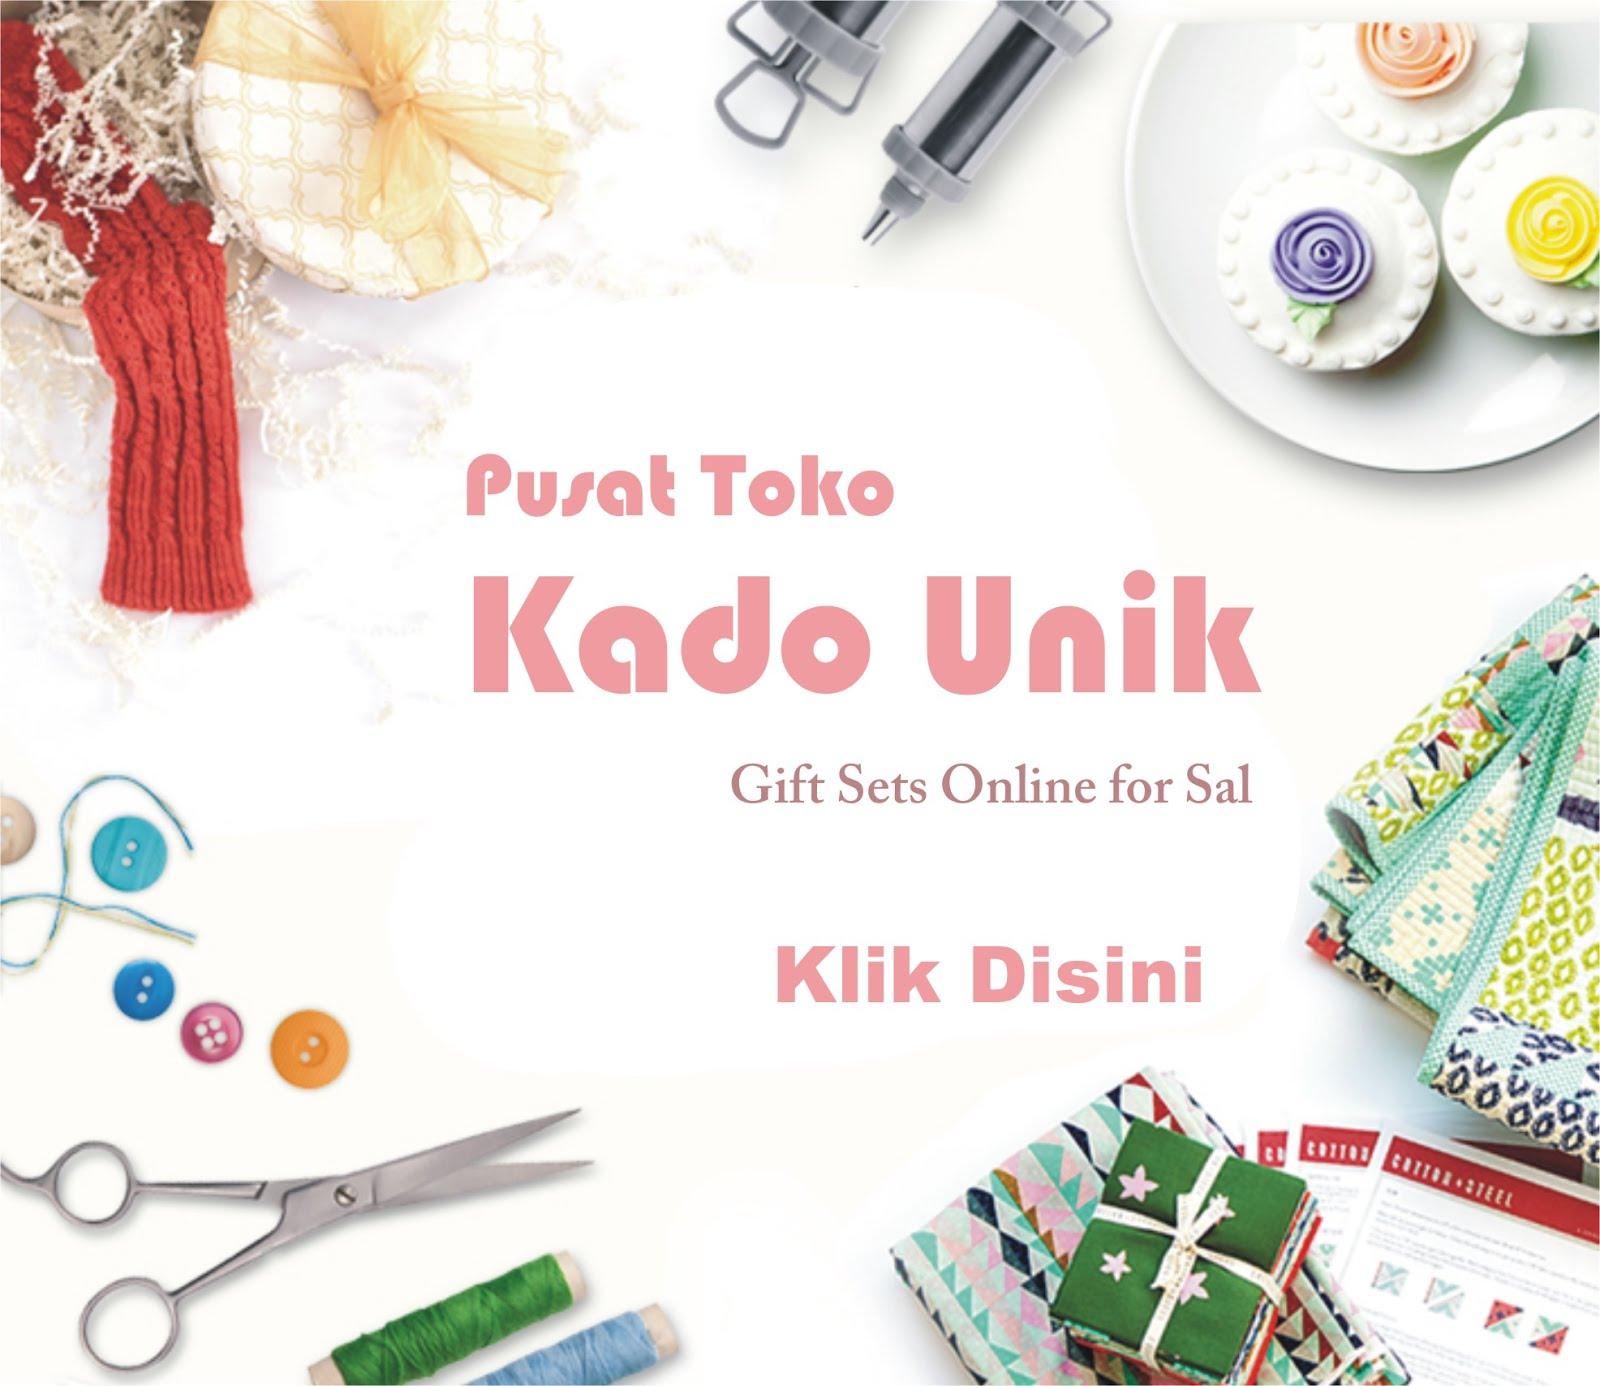 Pusat Toko Kado